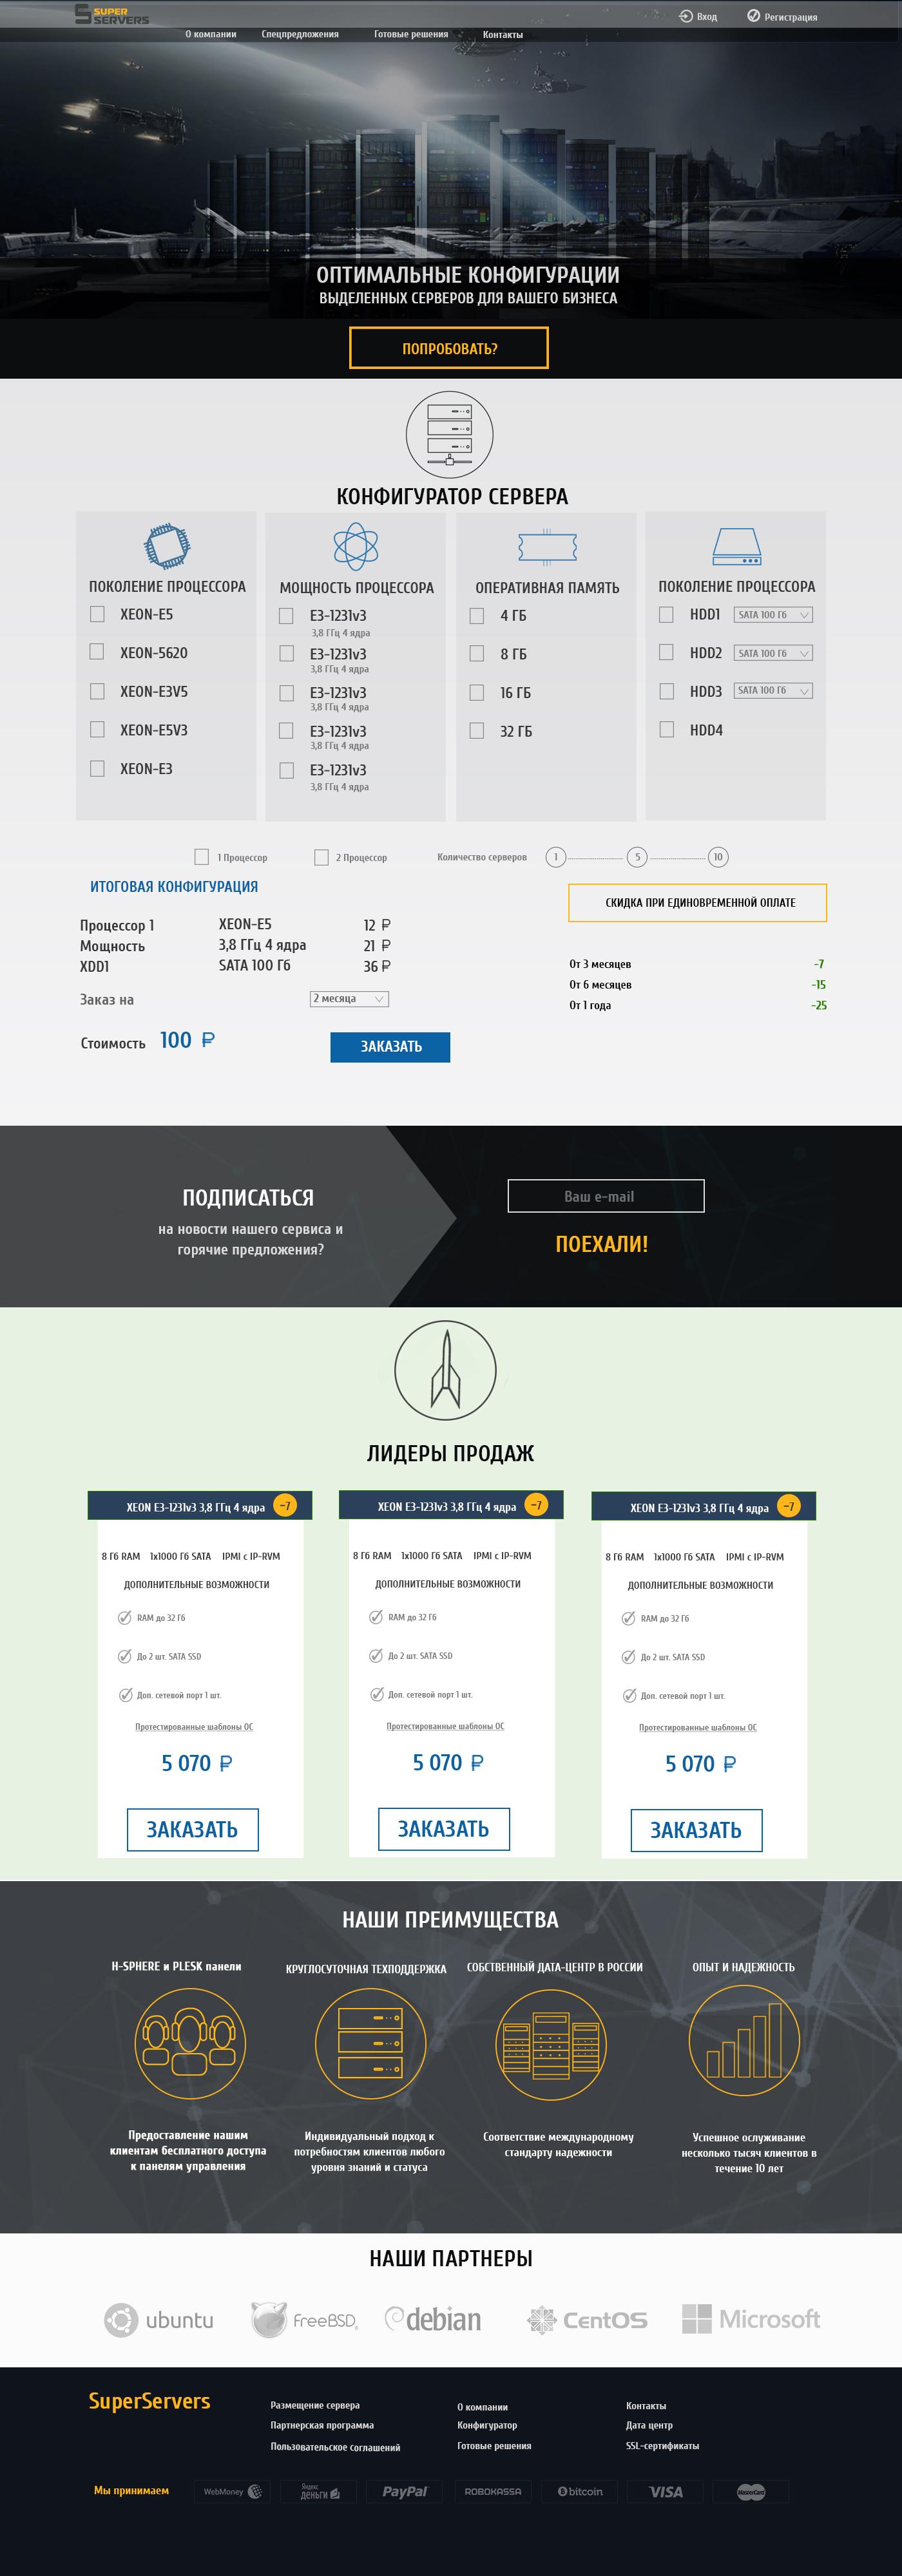 Сайт компании, продающей сервера